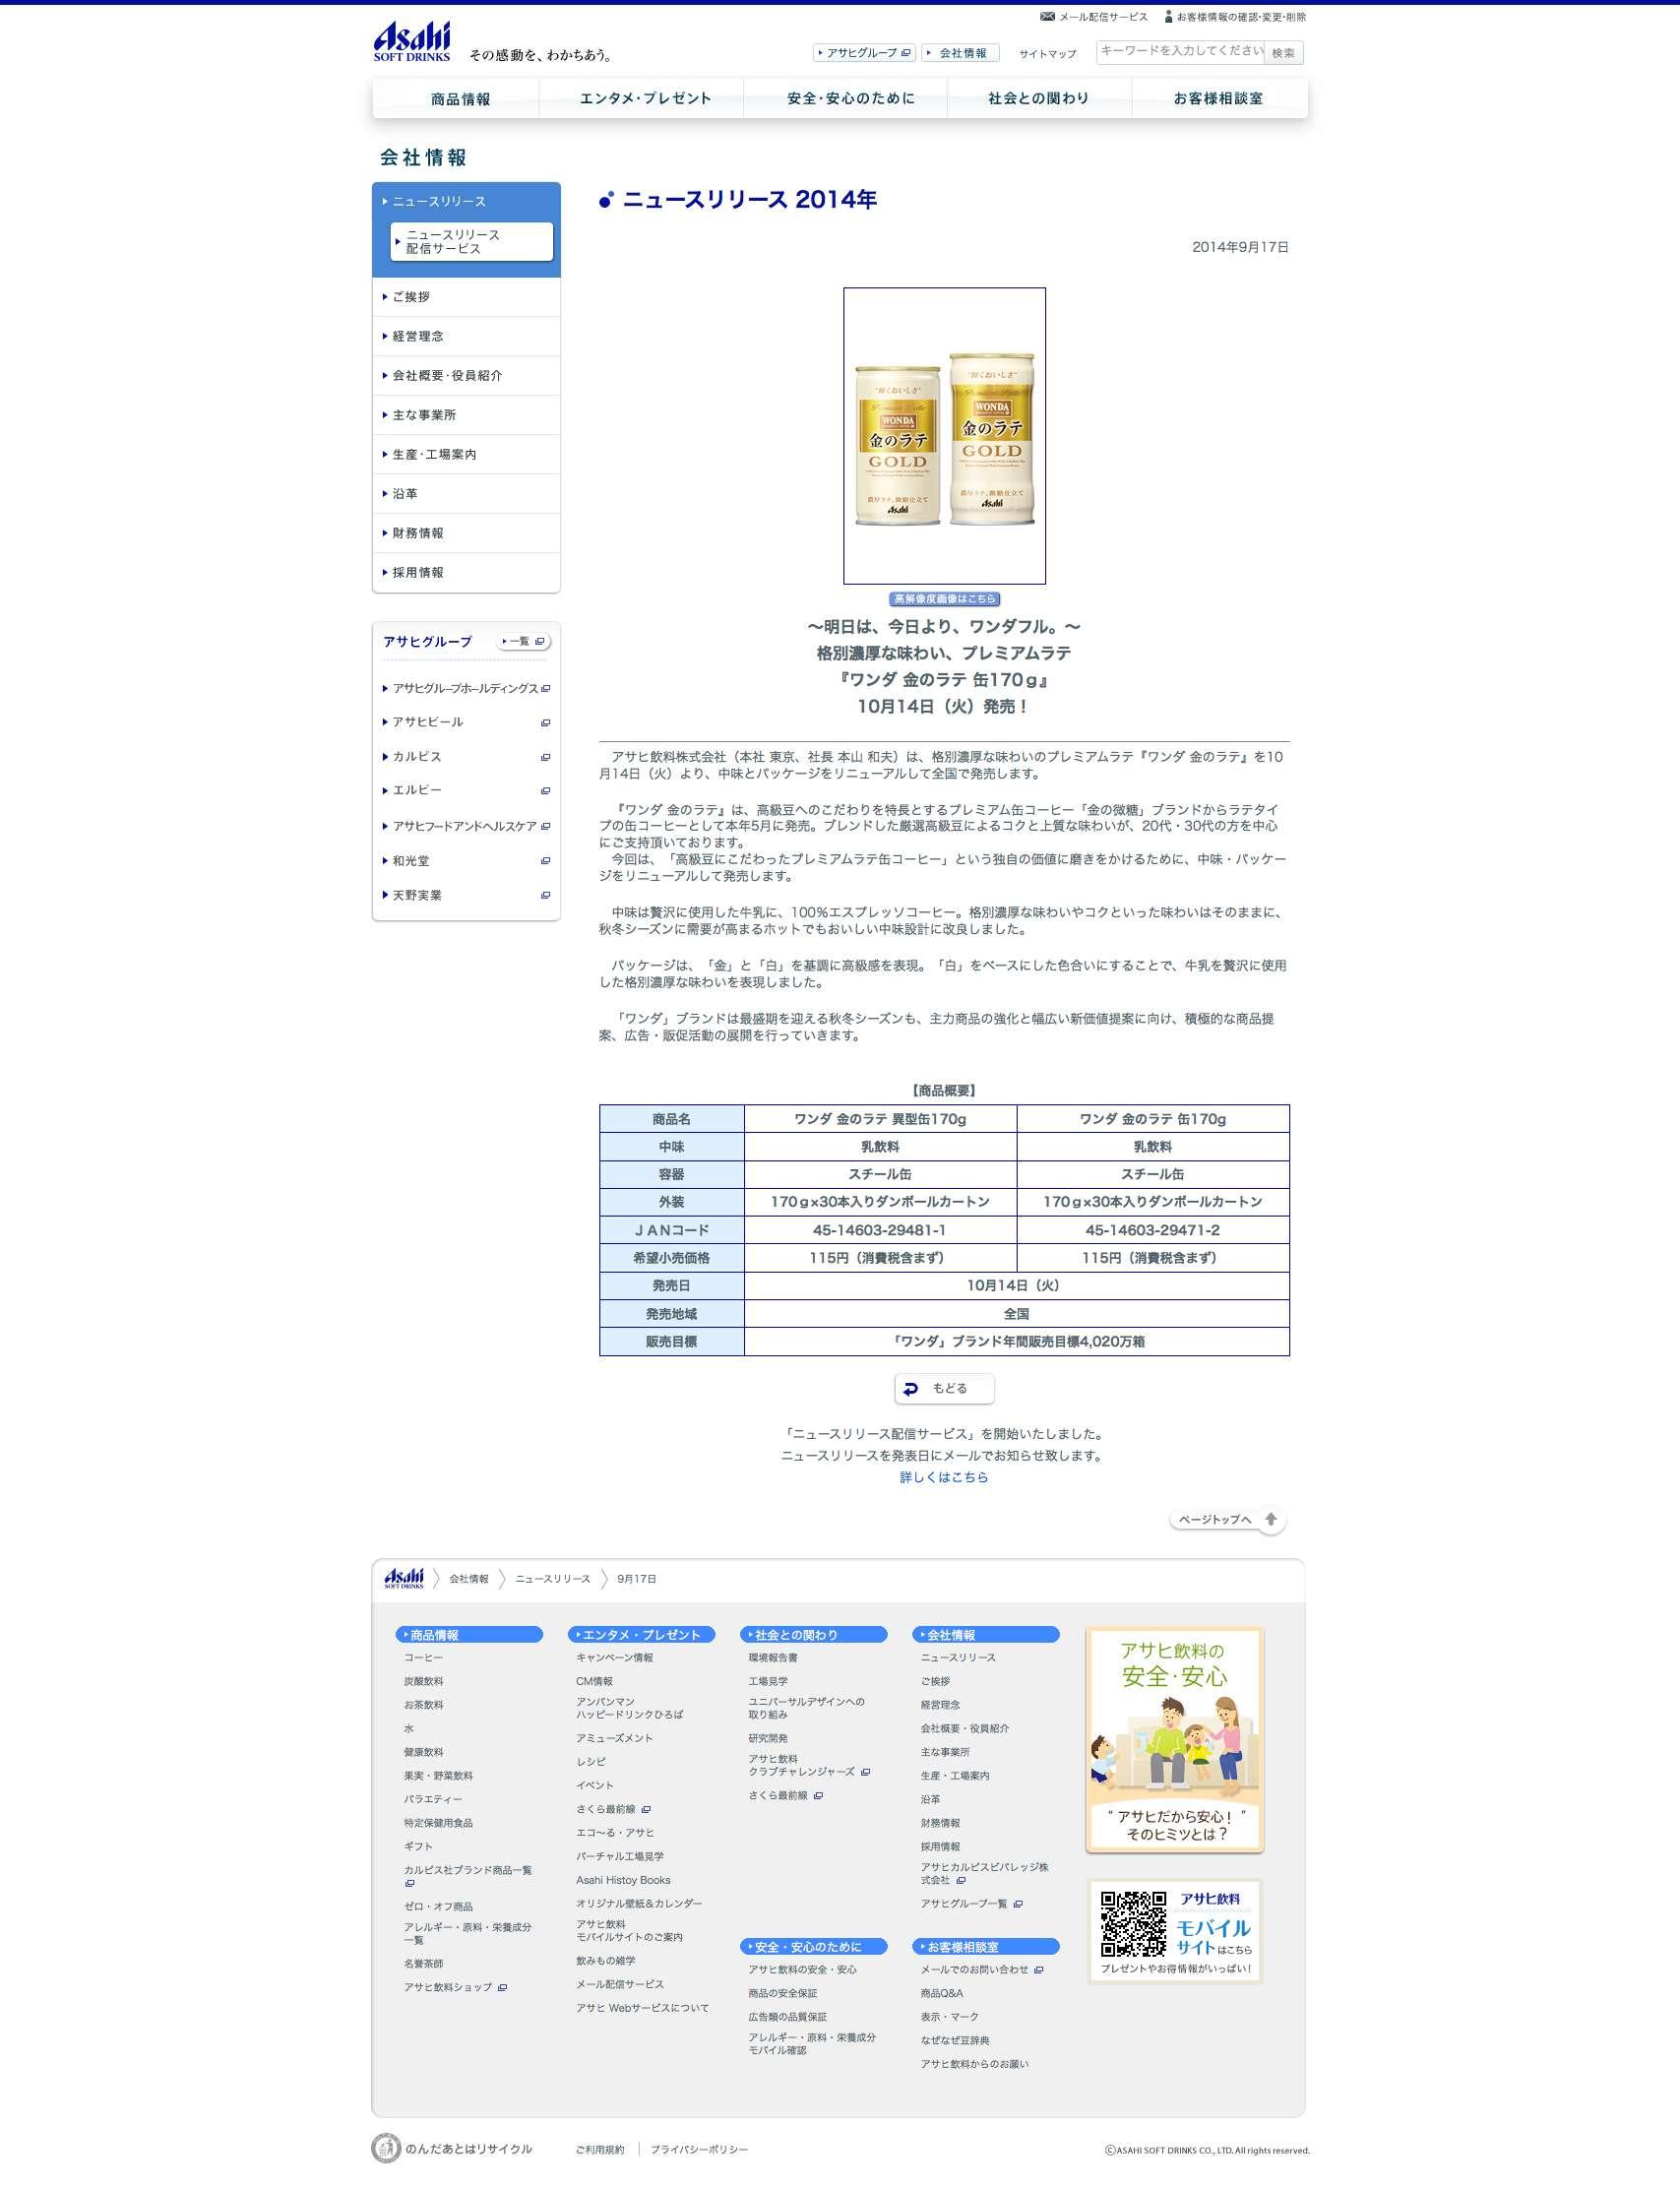 「ワンダ 金のラテ」新発売|ニュースリリース 2014年|会社情報|アサヒ飲料